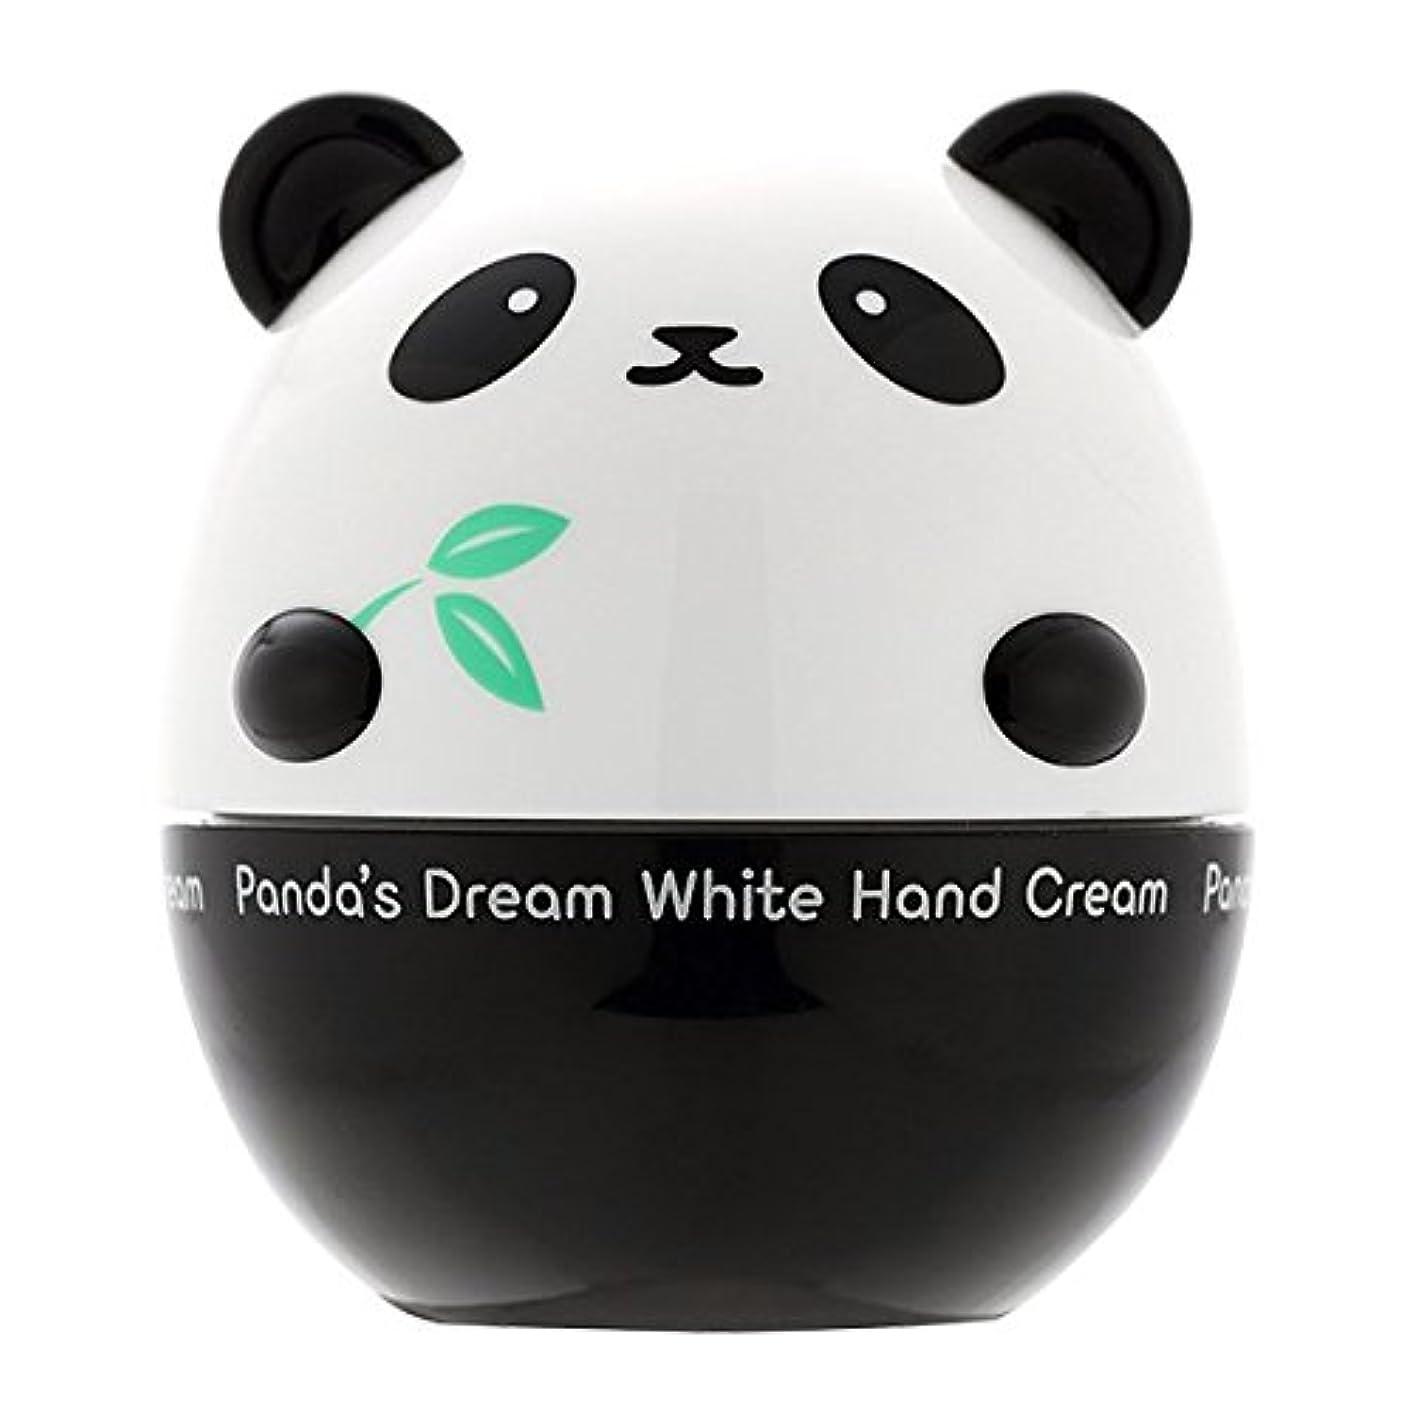 お尻プロペラベリTONYMOLY パンダのゆめ ホワイトマジッククリーム 50g Panda's Dream White Magic Cream 照明クリームトニーモリー下地の代わりに美肌クリーム美肌成分含有 【韓国コスメ】トニーモリー